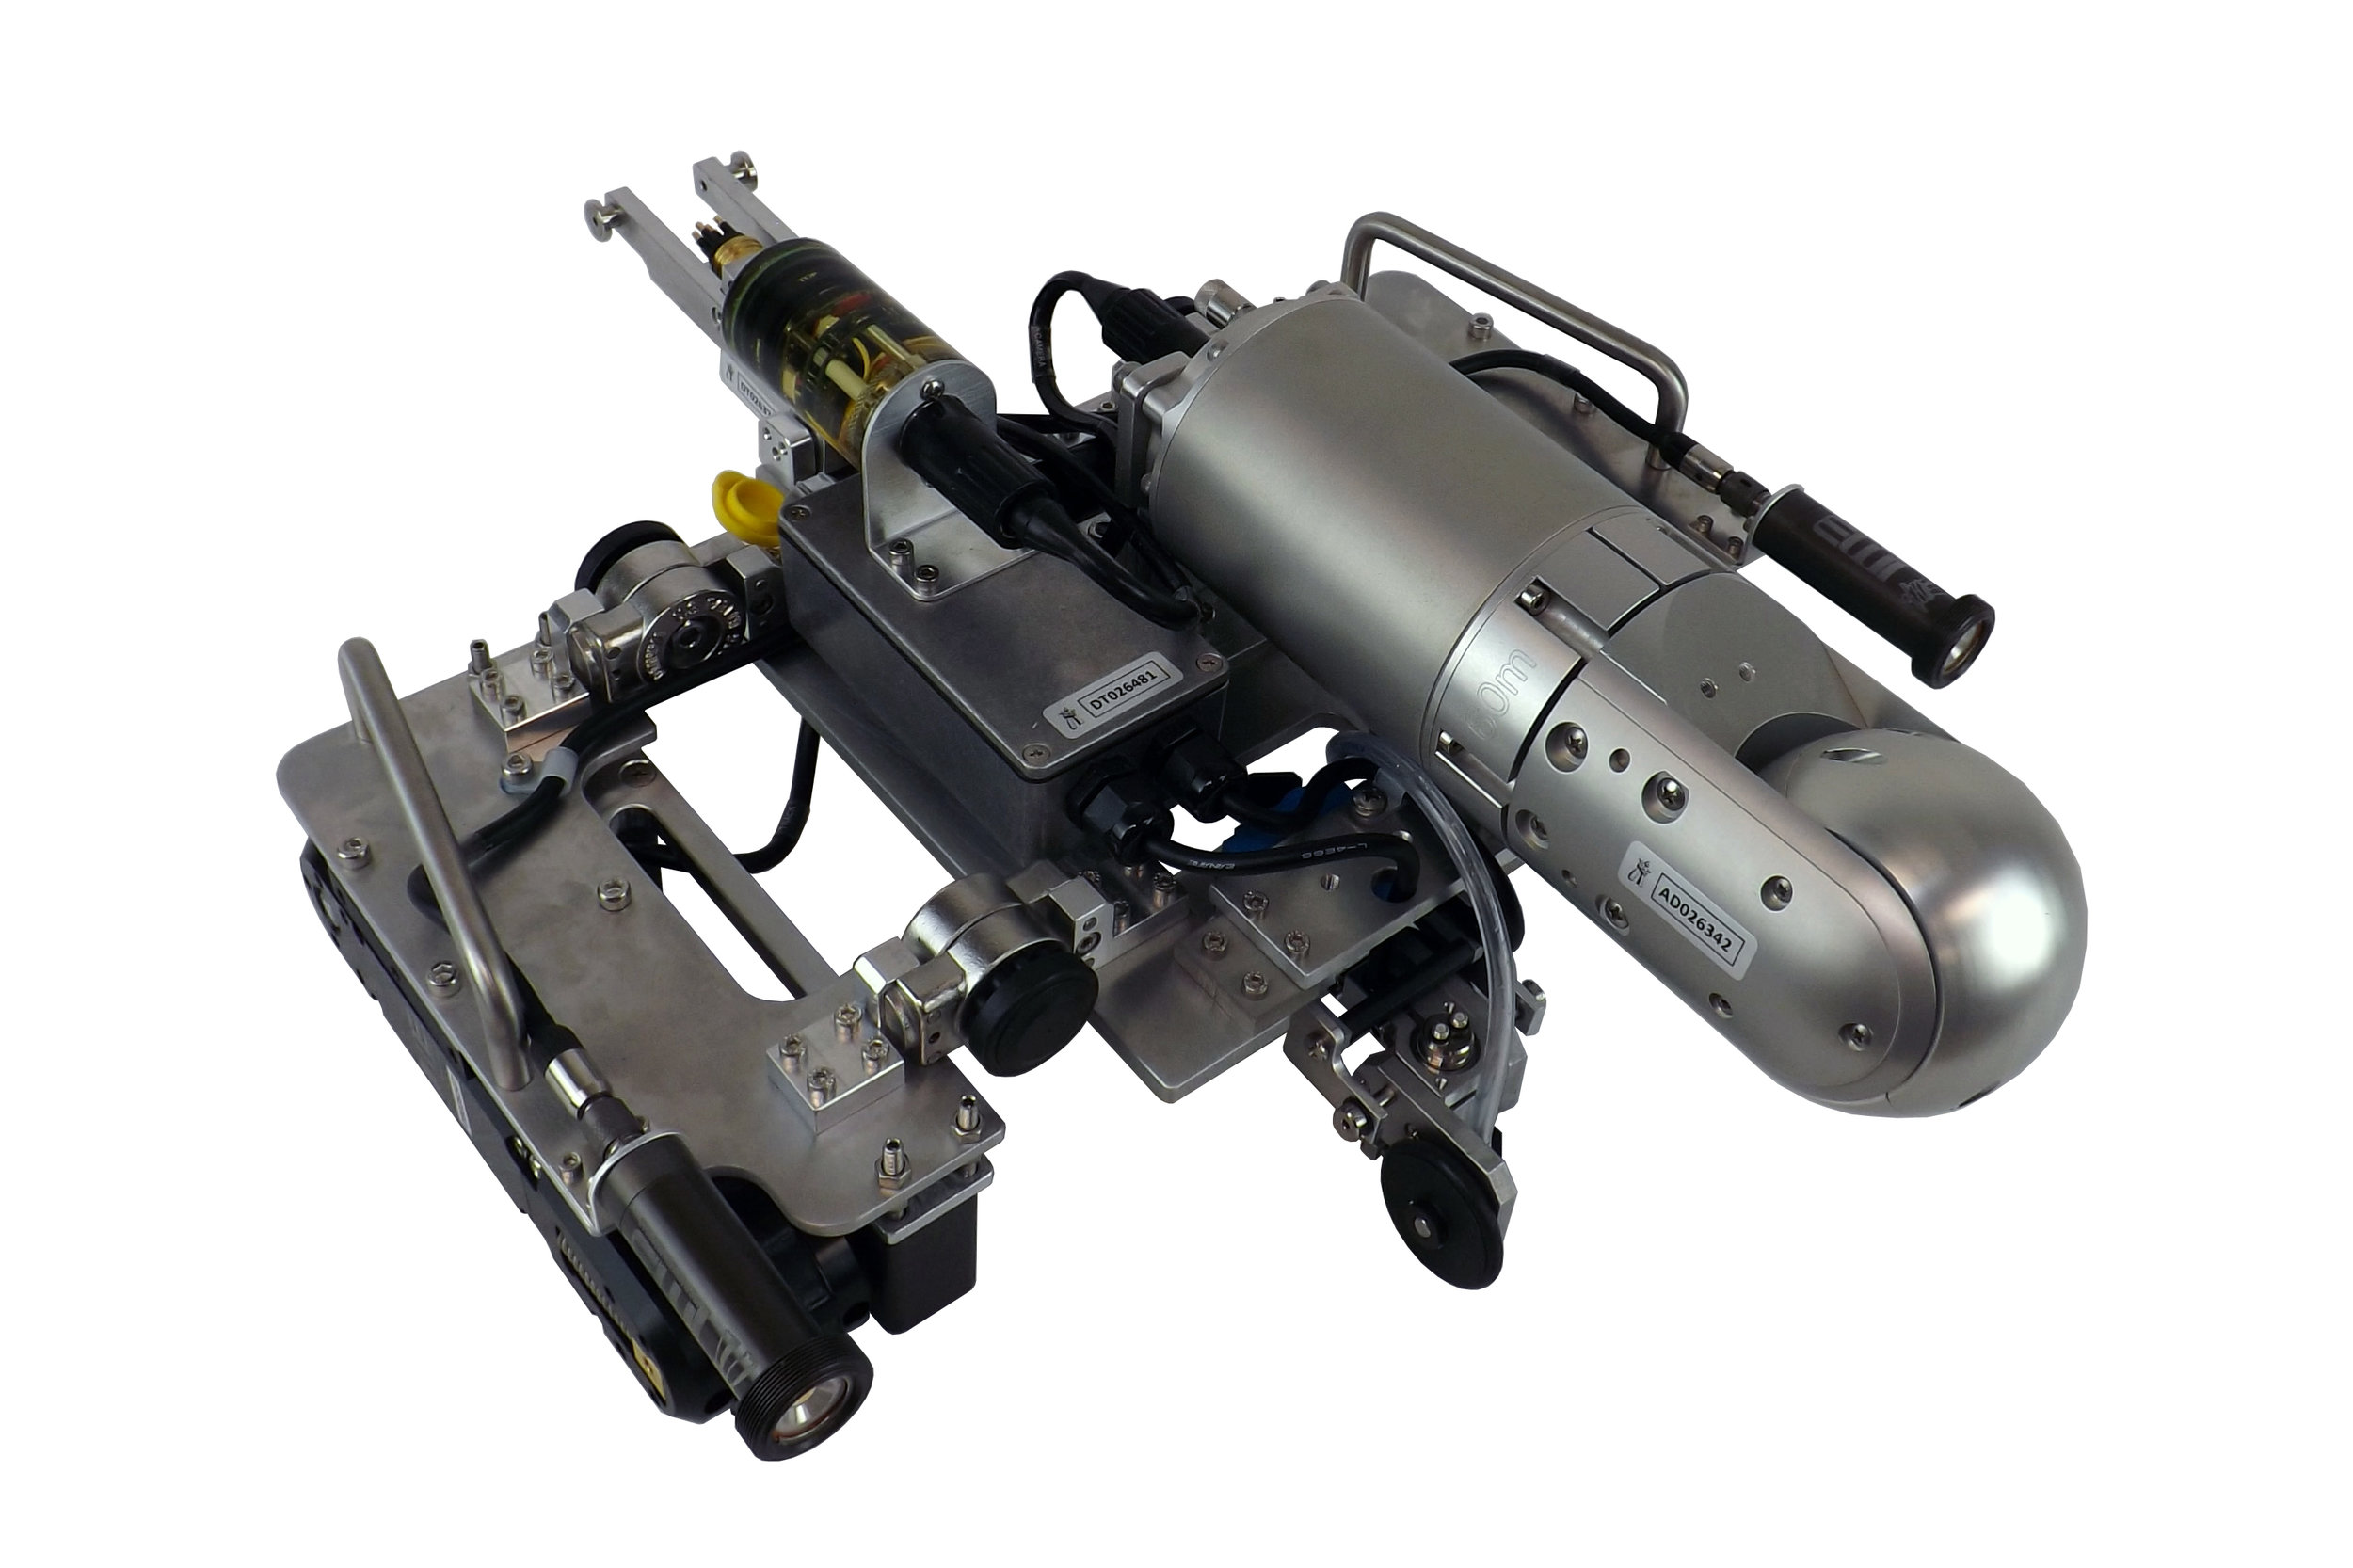 DSCF9900.JPG